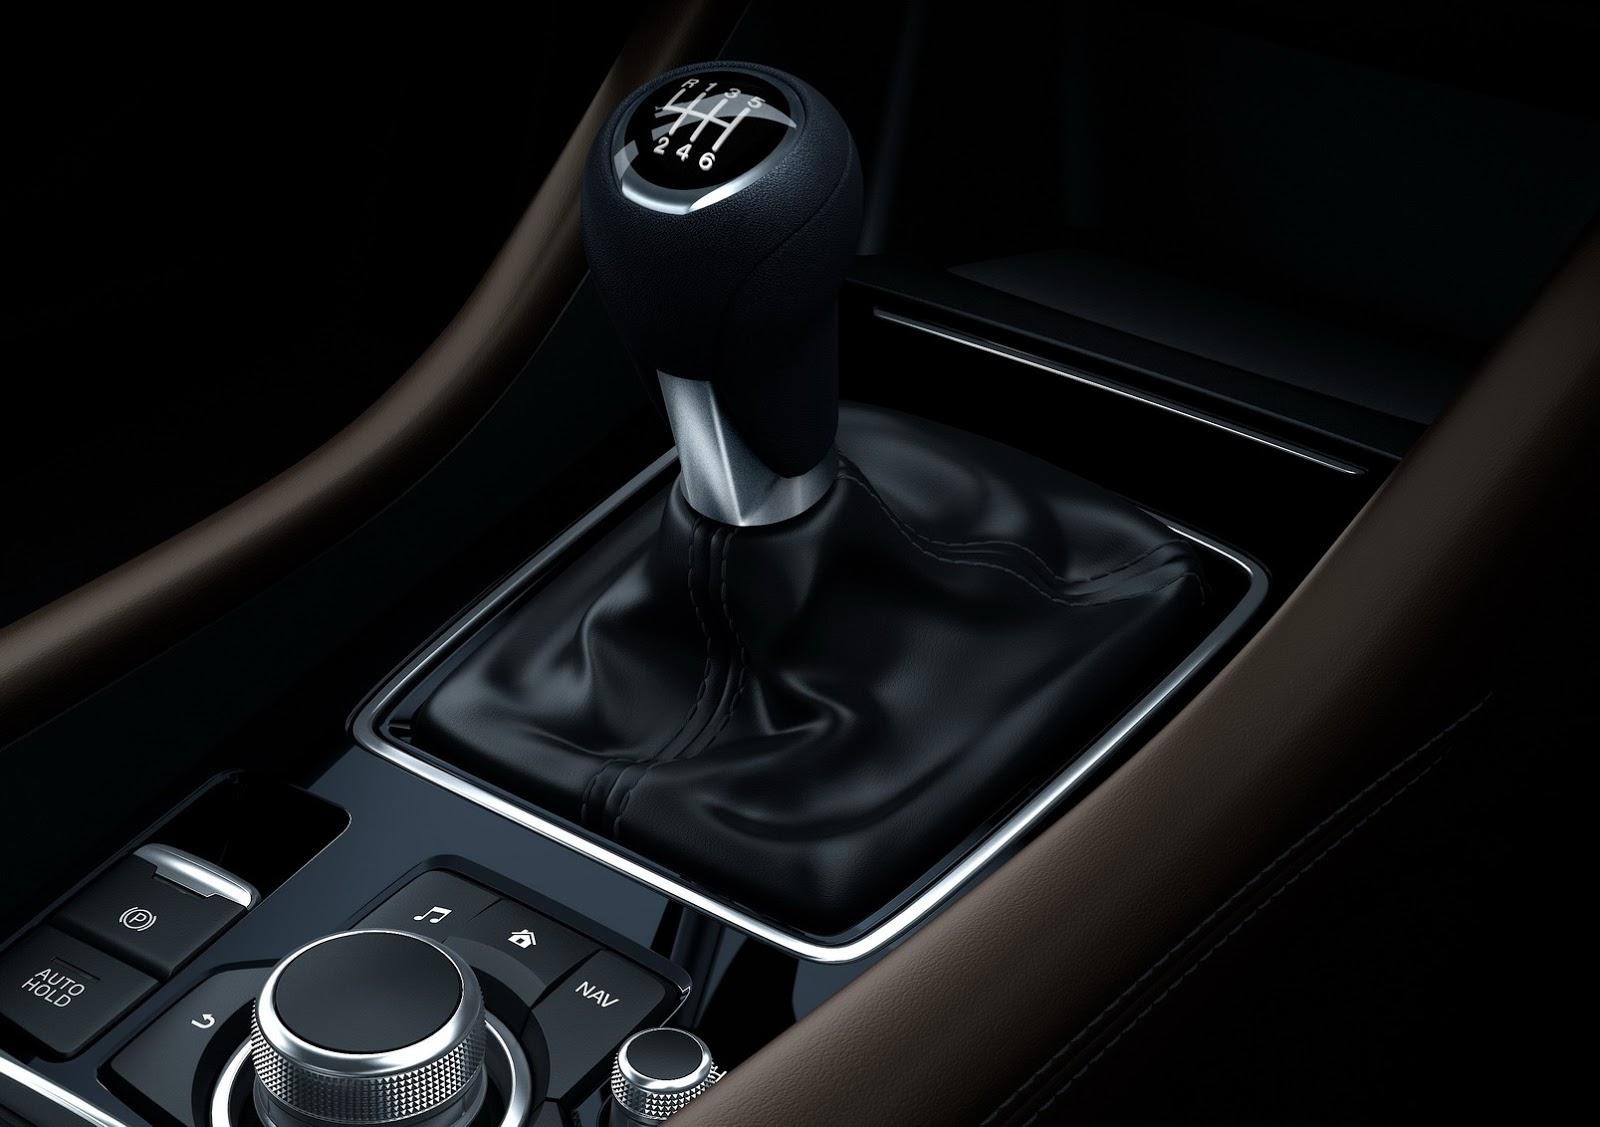 2019-Mazda6-22.jpg